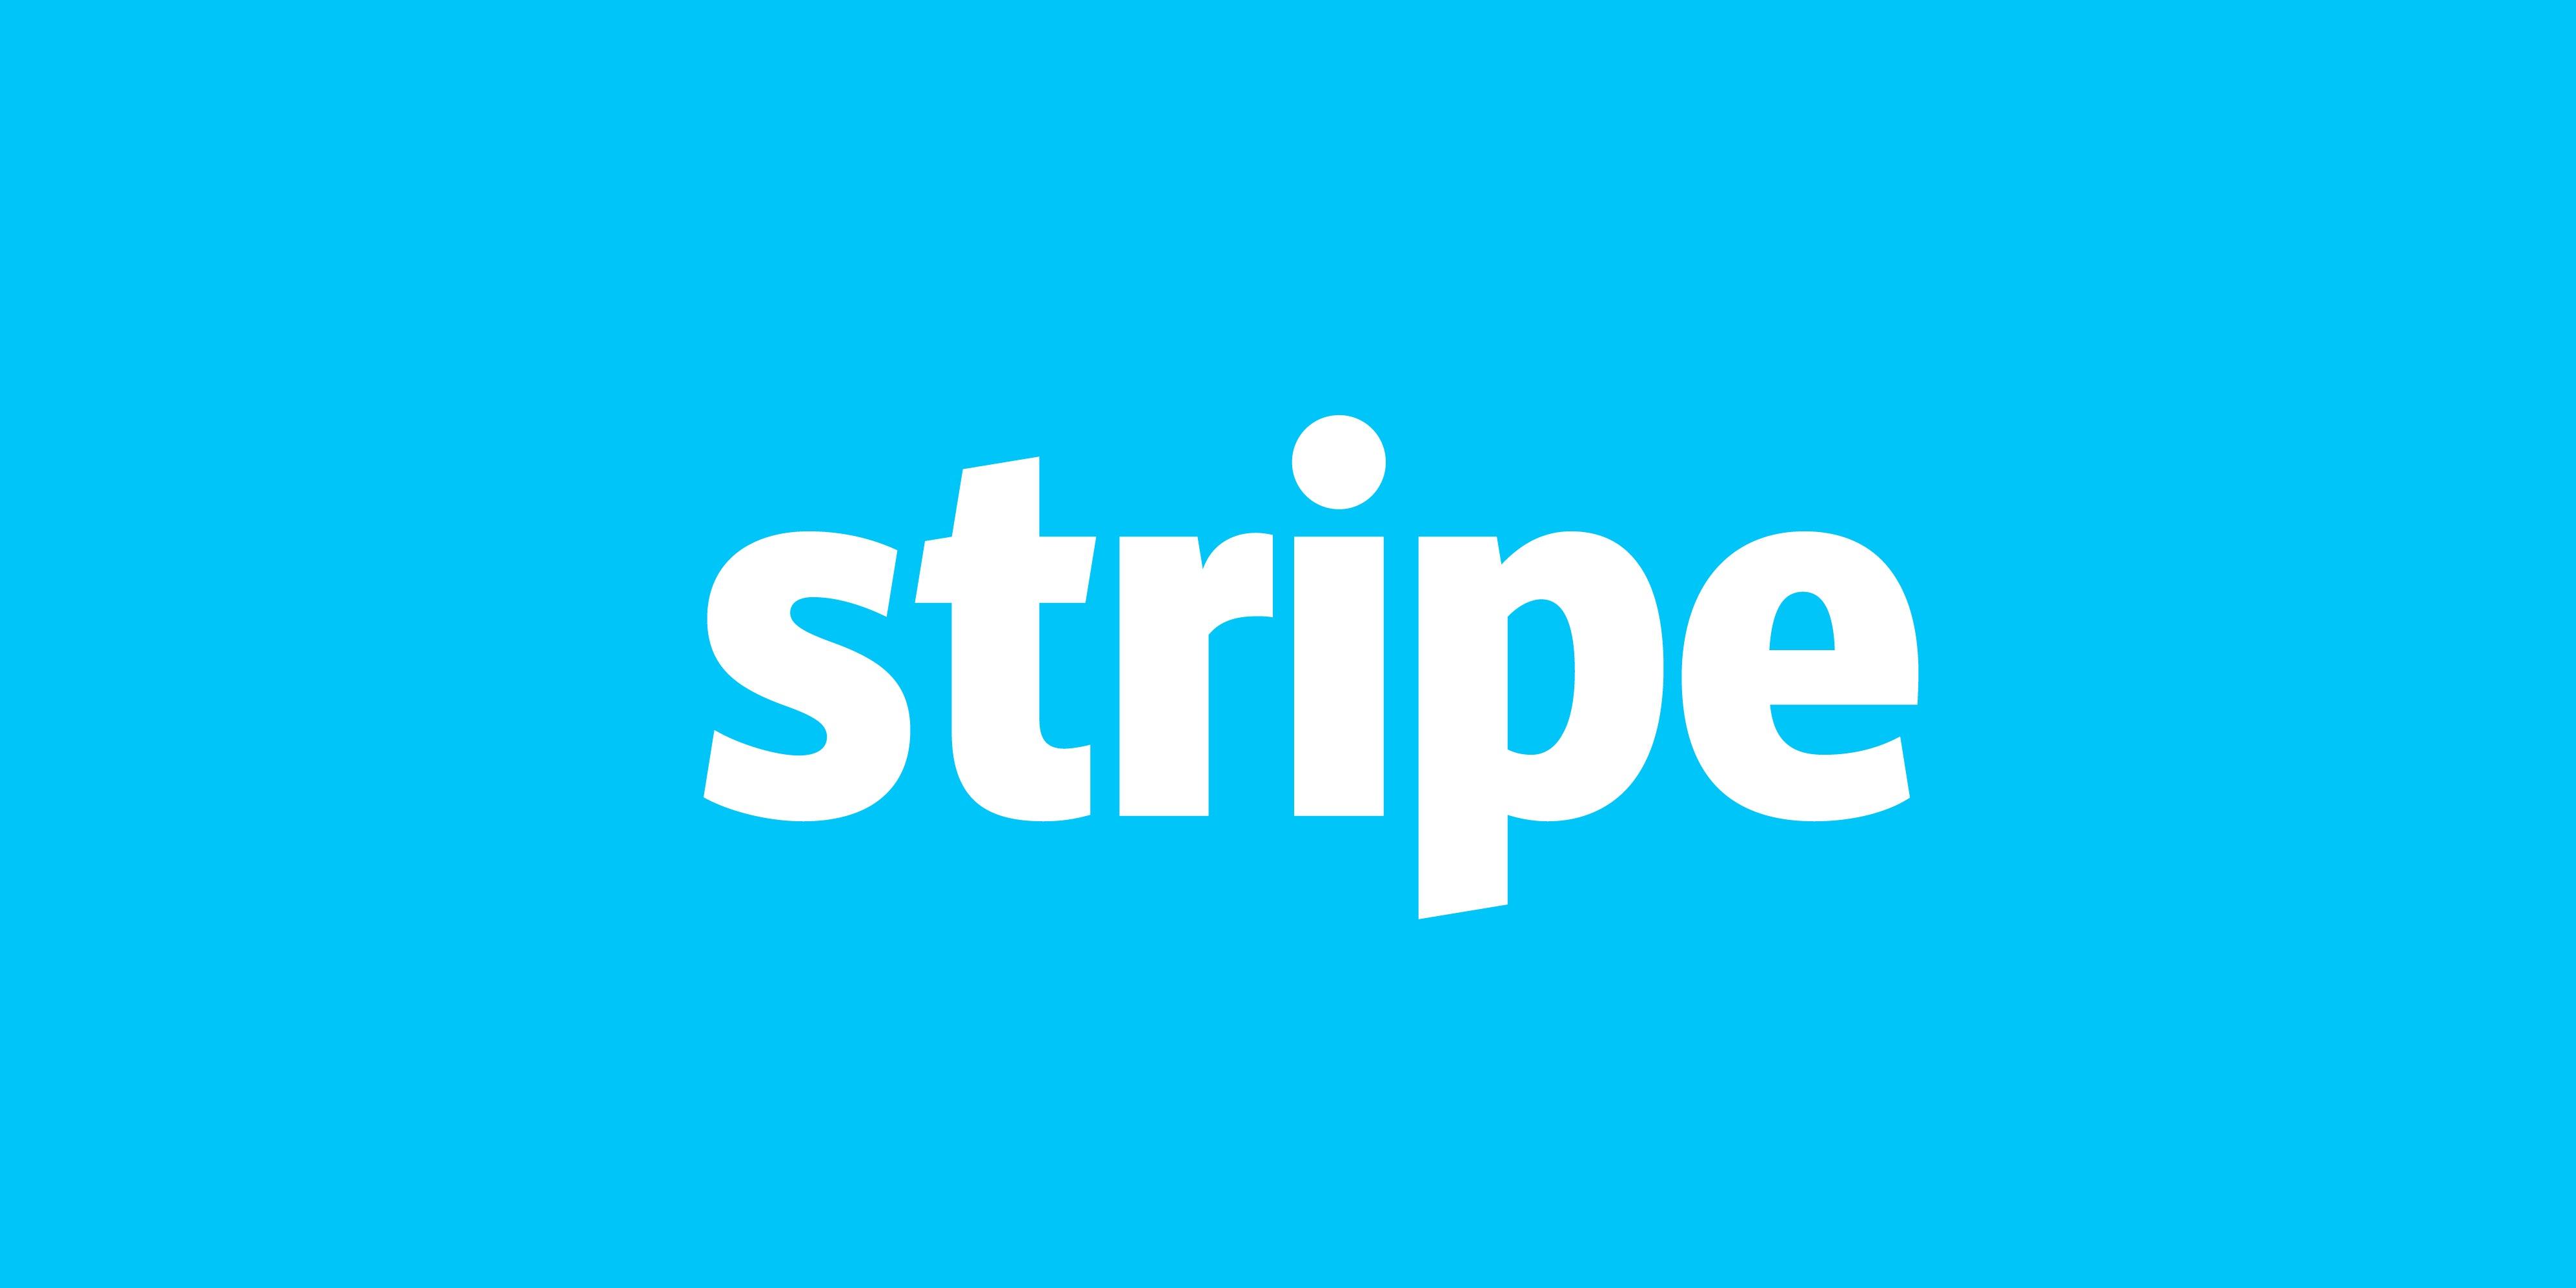 stripelogo